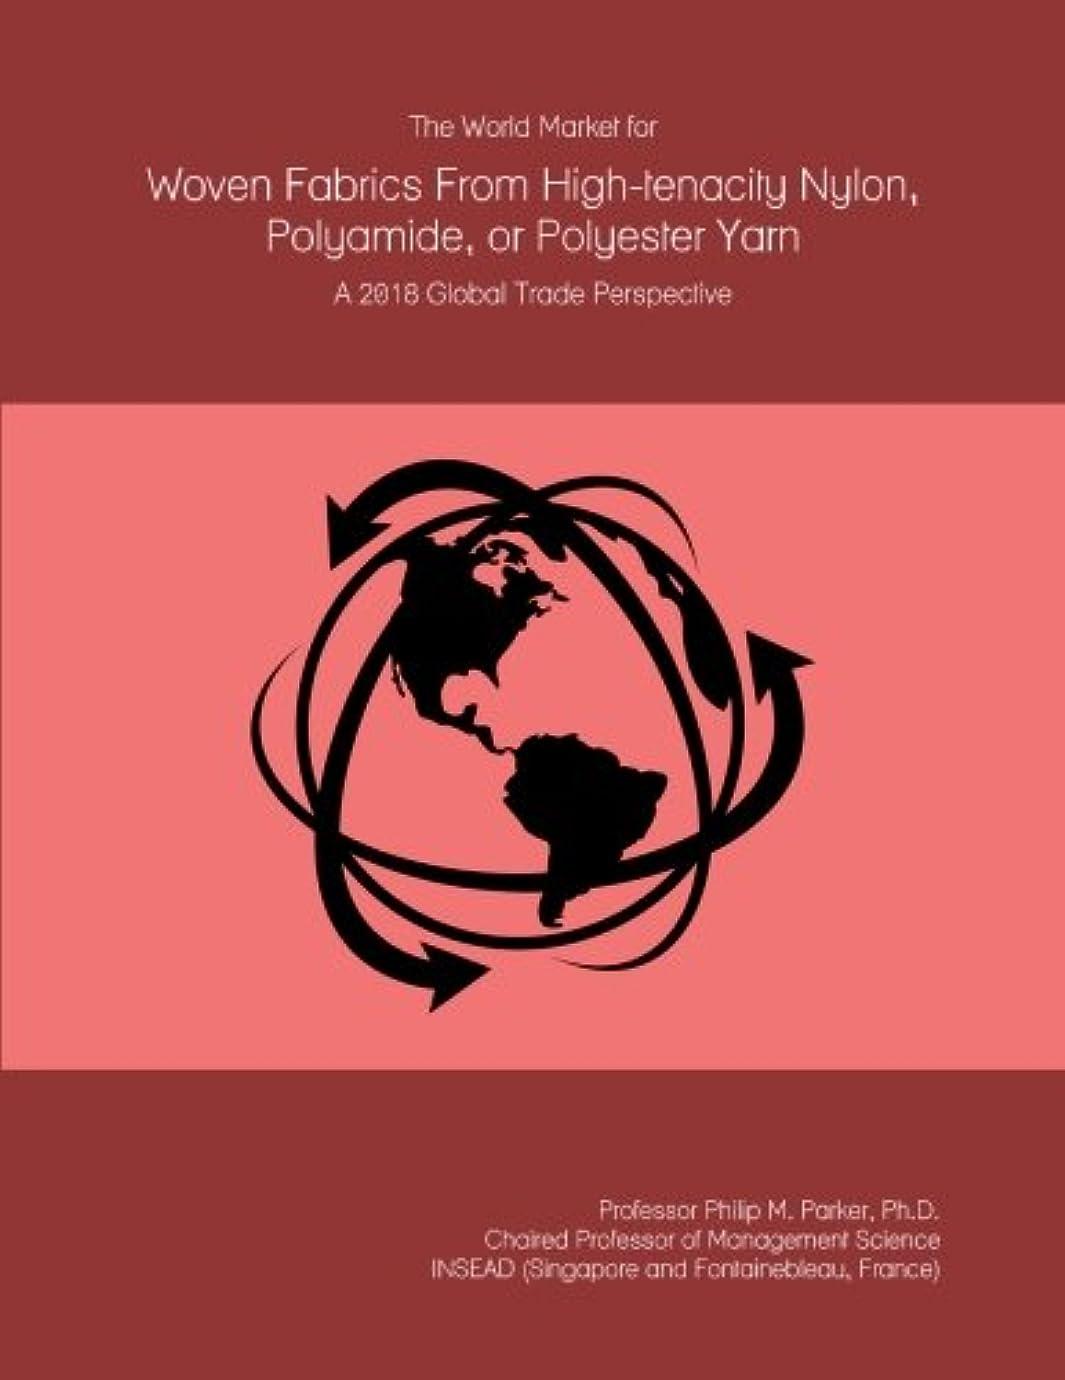 消費おいしいグループThe World Market for Woven Fabrics From High-tenacity Nylon, Polyamide, or Polyester Yarn: A 2018 Global Trade Perspective